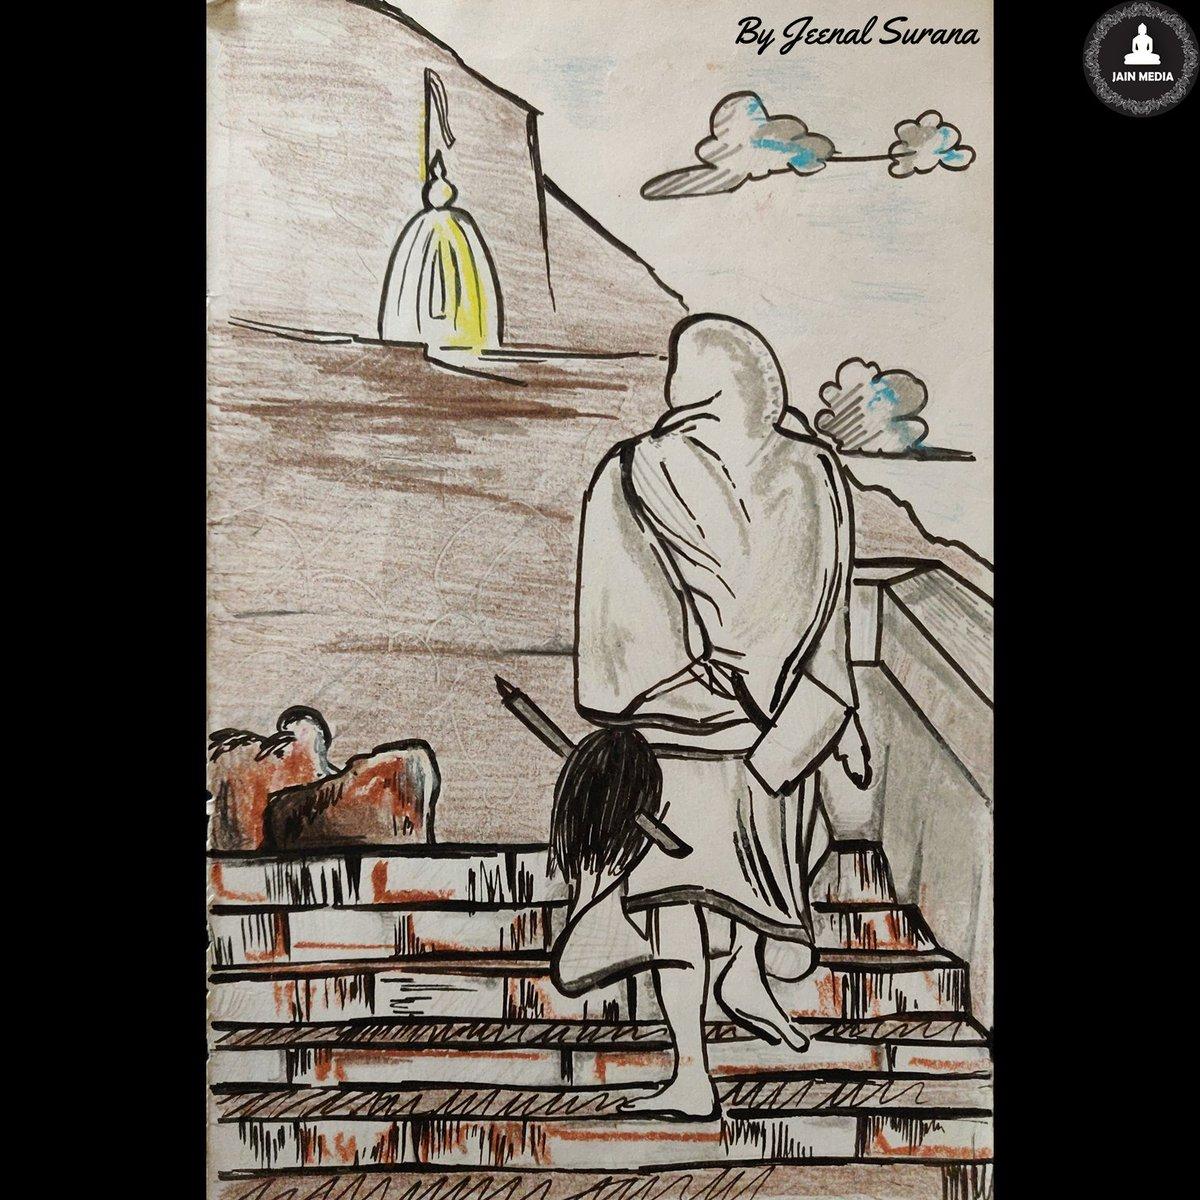 हमारे असली HERO, जिनशासन की धरोहर, जैन धर्म के सच्चे सैनिक - जैन साधु भगवंत 👏😇🙏 धन धन मुनिवरा 👏😇🙏 Art By - Jeenal Surana #jainism #jain #jainsadhu #JainMonk #jaindharm #Jainreligion #jainmedia